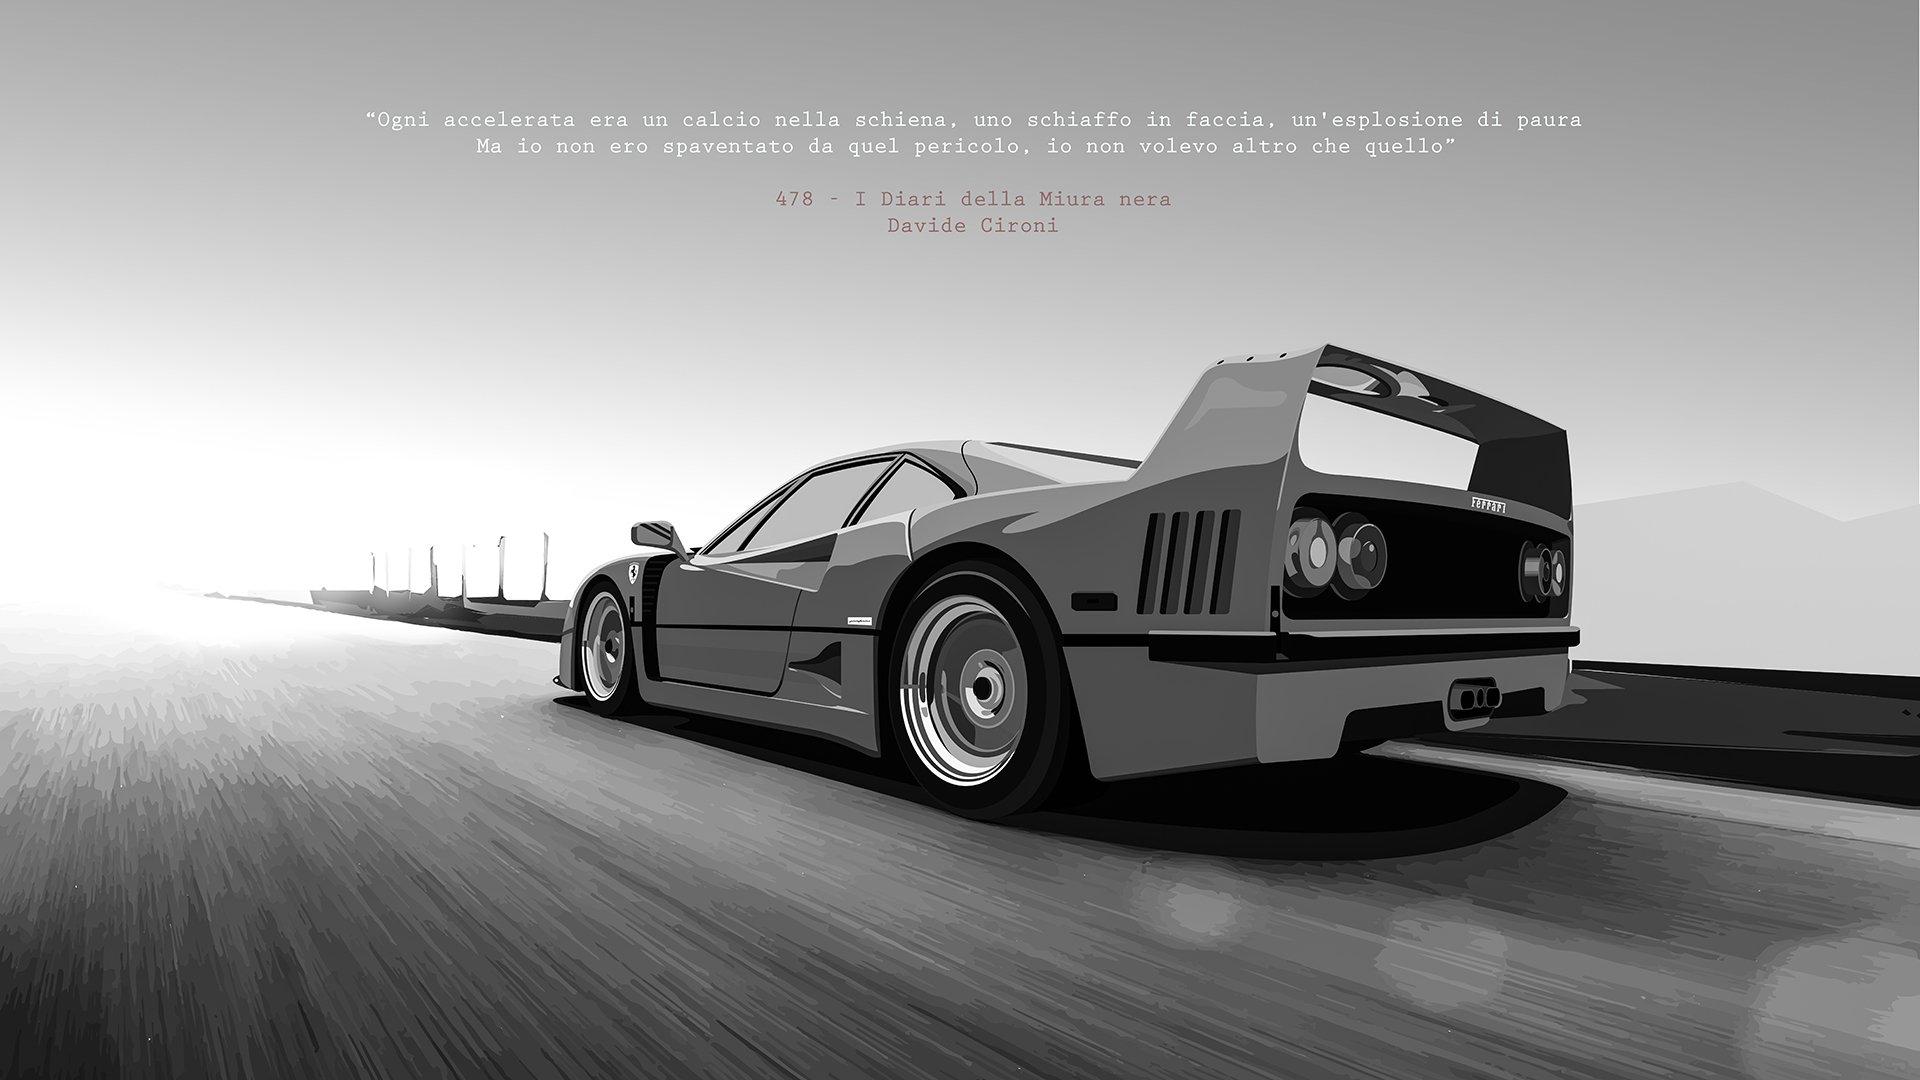 Lamborghini Miura Nera on lamborghini aventador, lamborghini gallardo wallpaper, lamborghini lp 570-4 spyder performante, lamborghini lp560-4, lamborghini nova, lamborghini wallpaper 1360x768, lamborghini miura, lamborghini nemo,